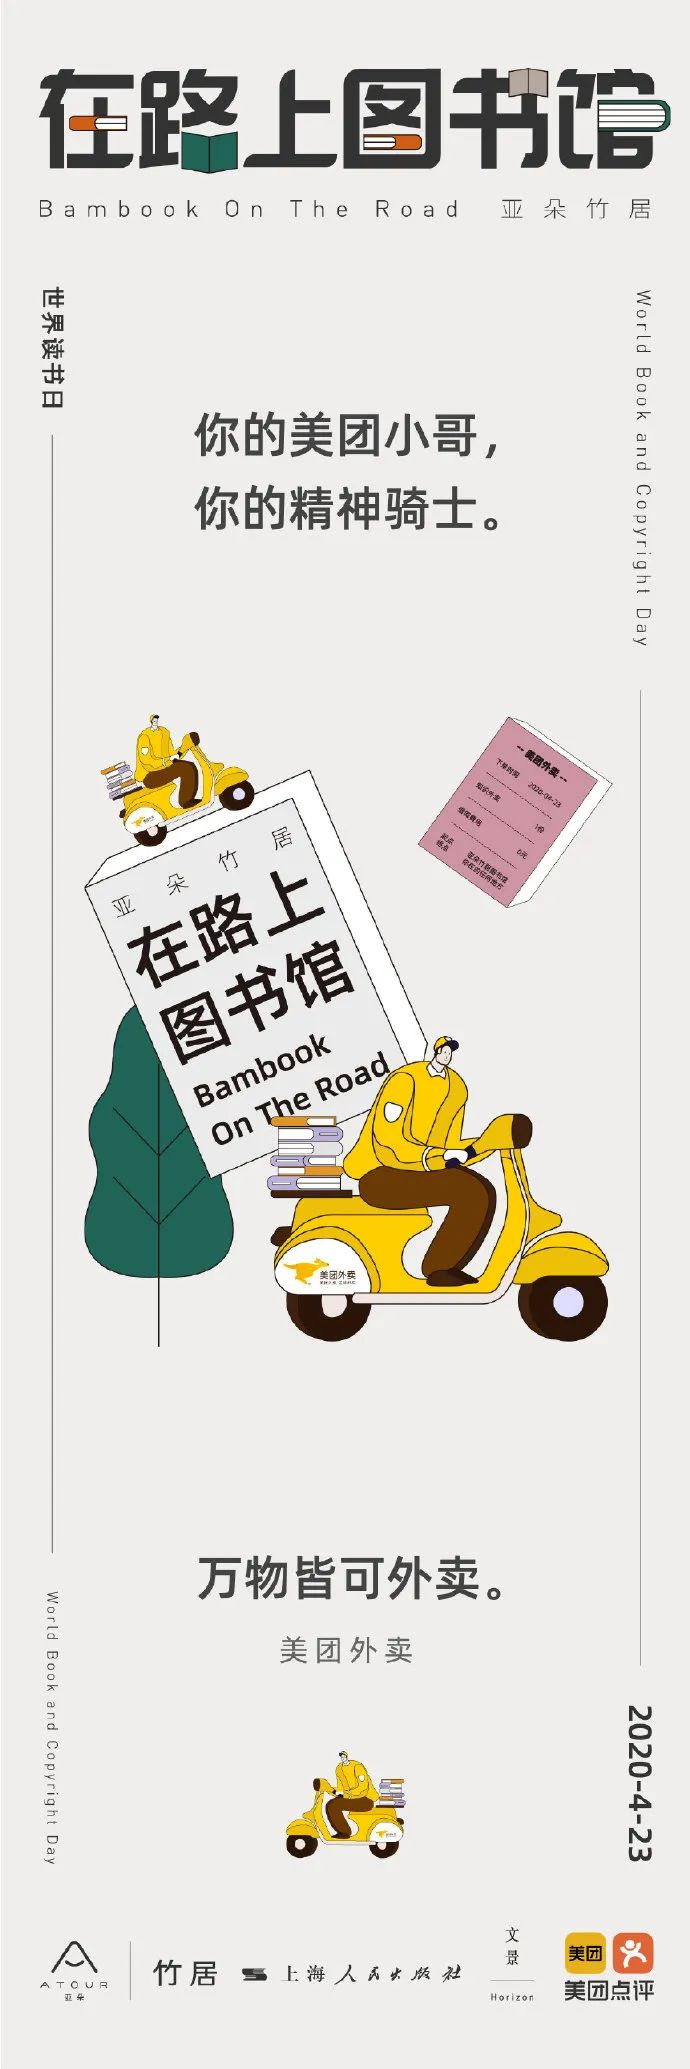 世界读书日文案海报欣赏:别给自己的懒惰找借口!插图43